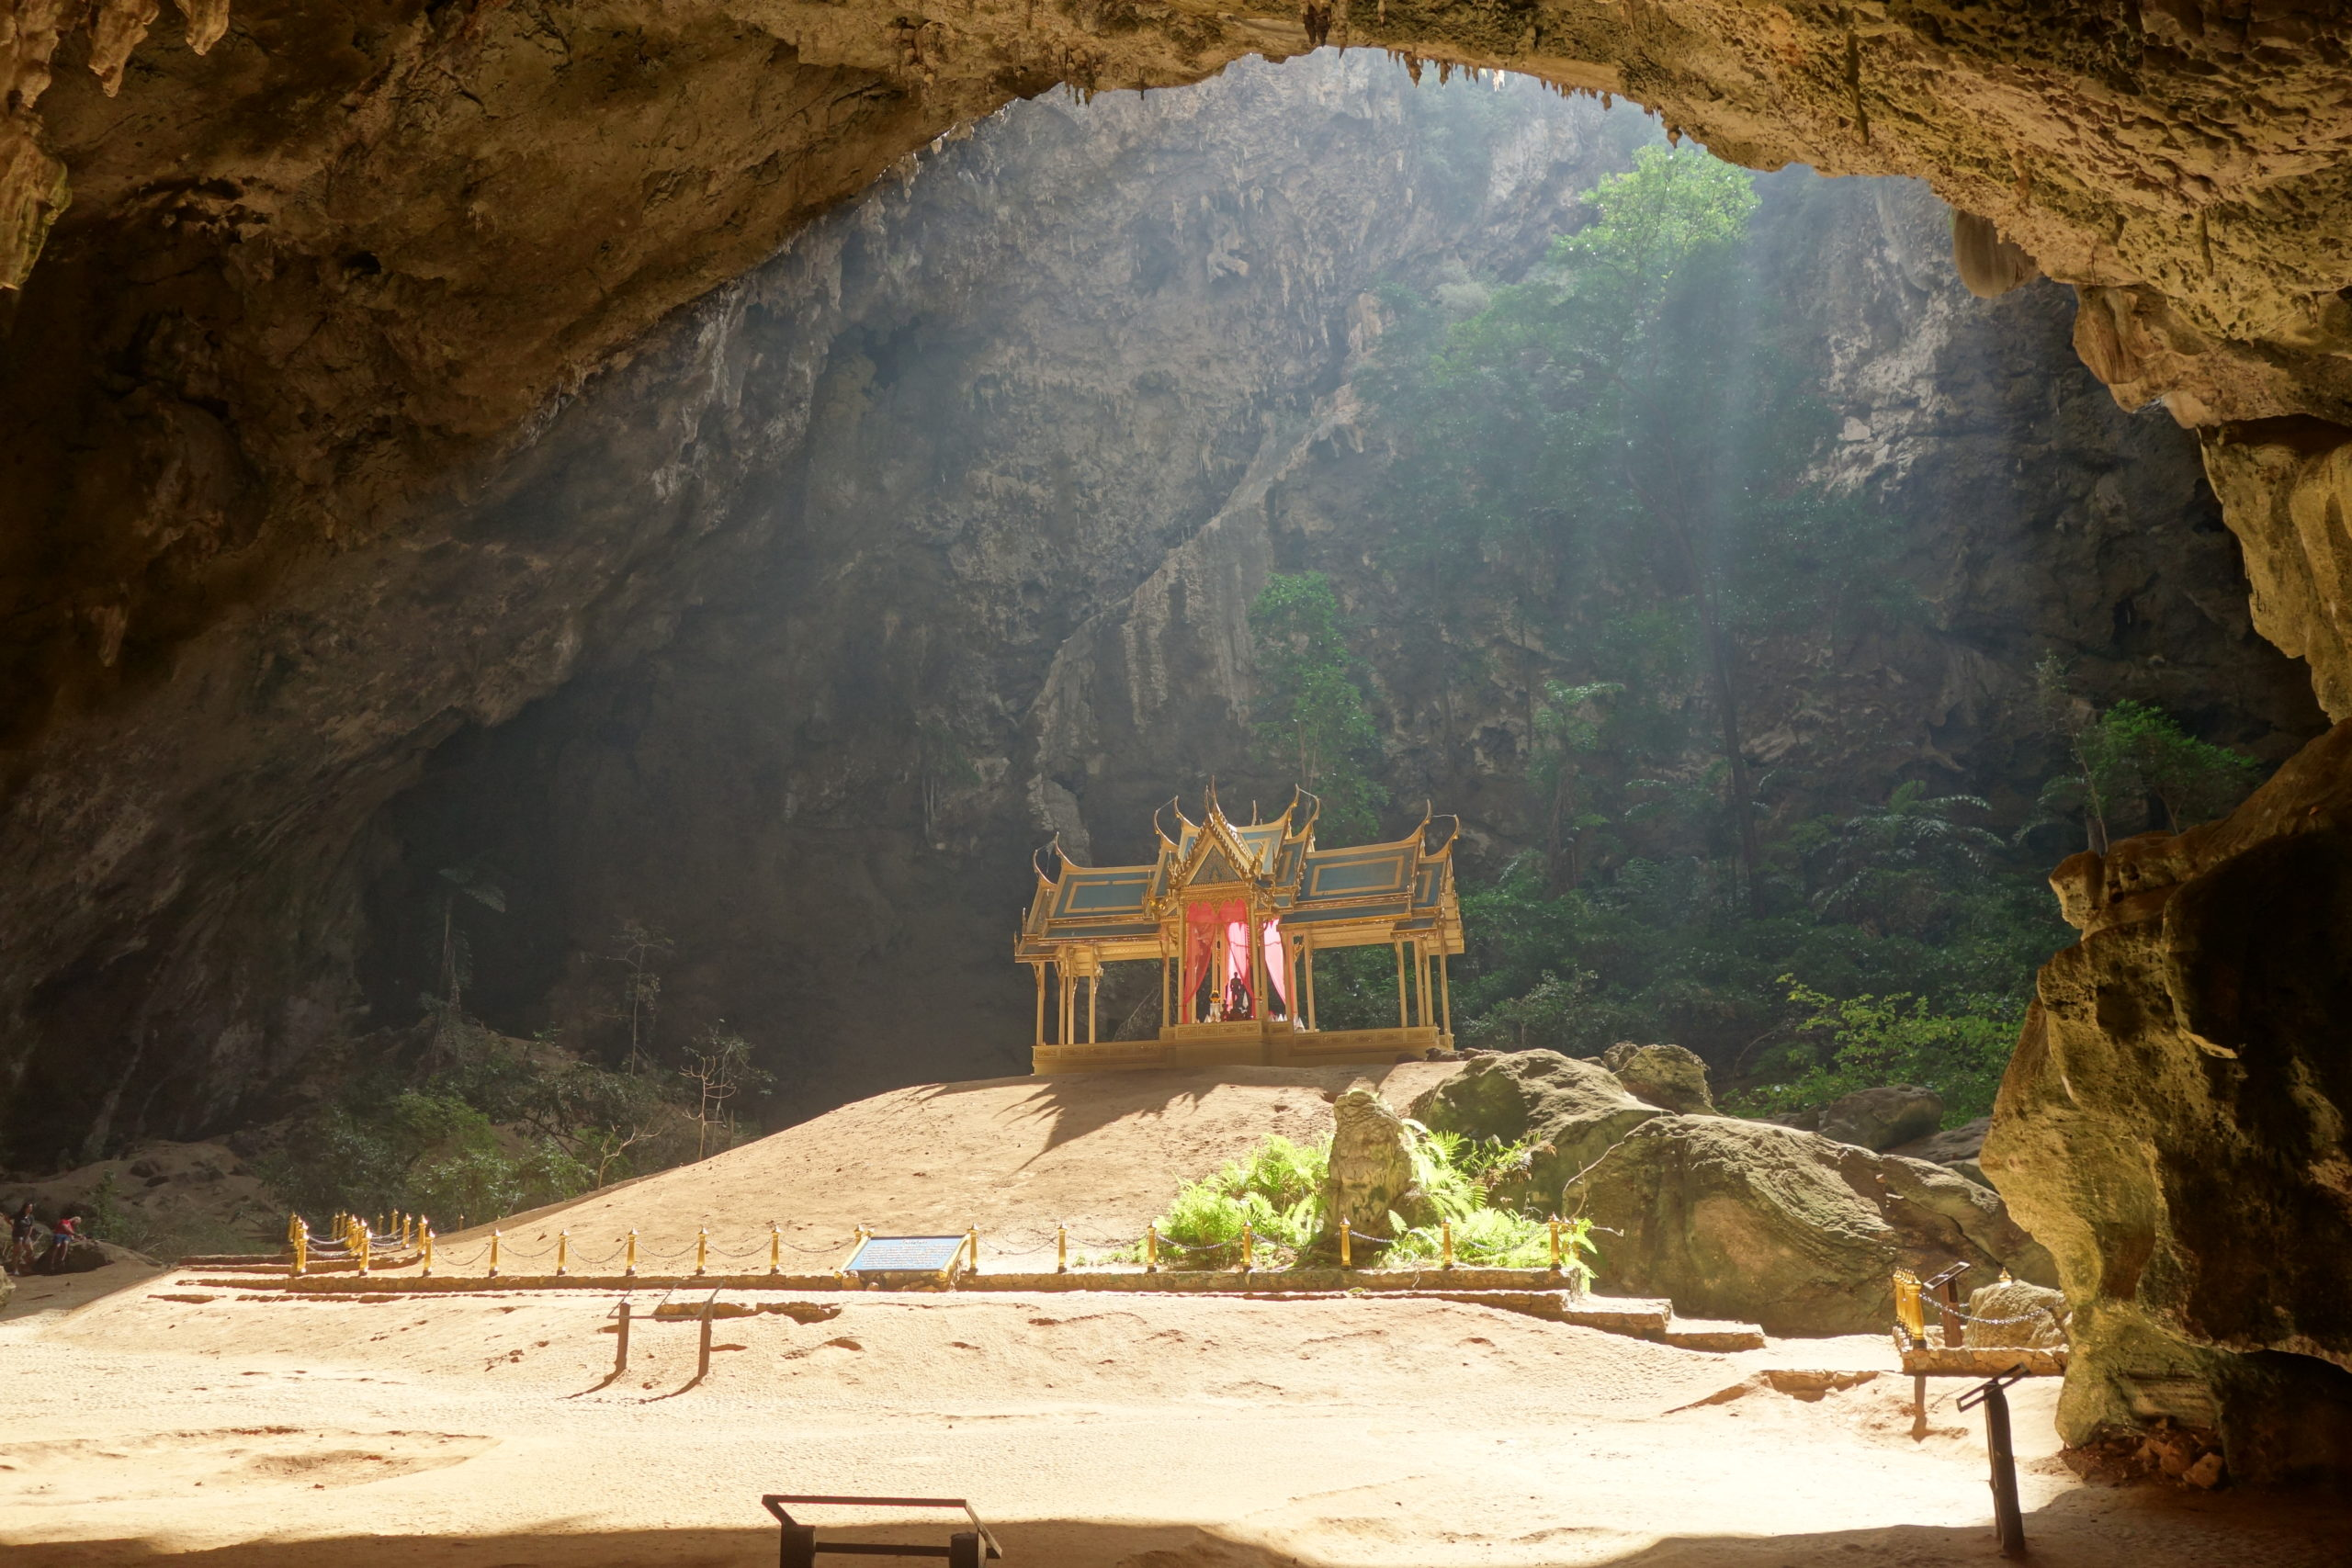 Tham Phraya nakhon